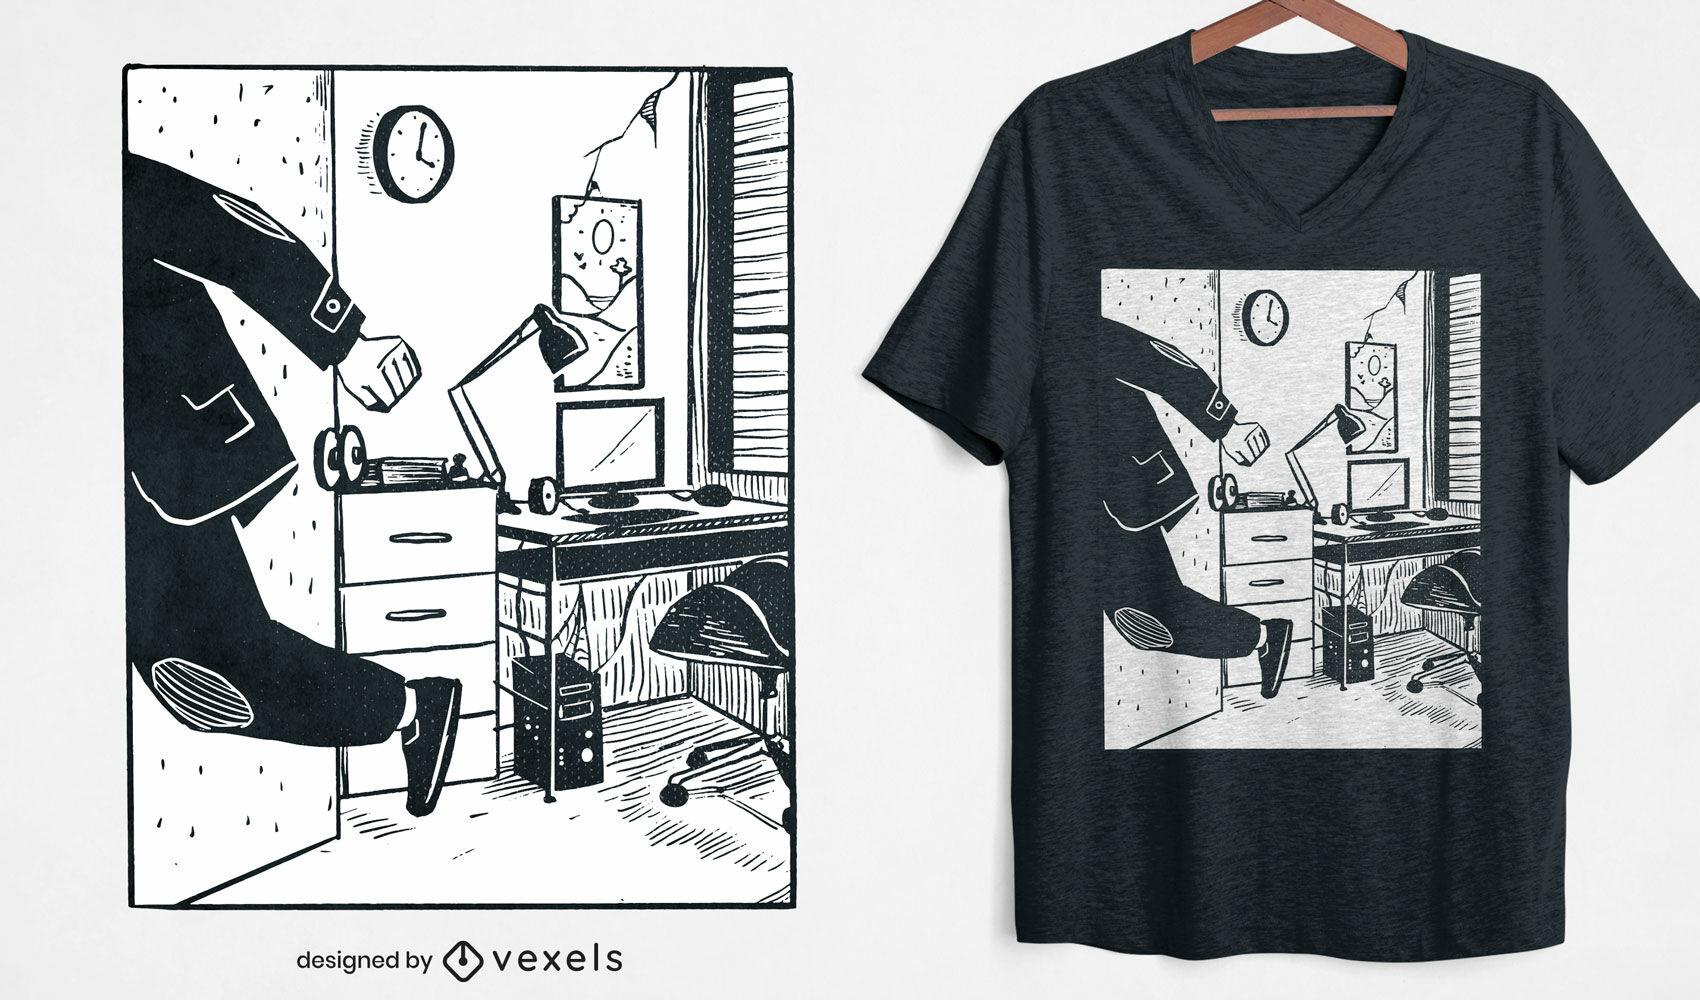 Office escape t-shirt design